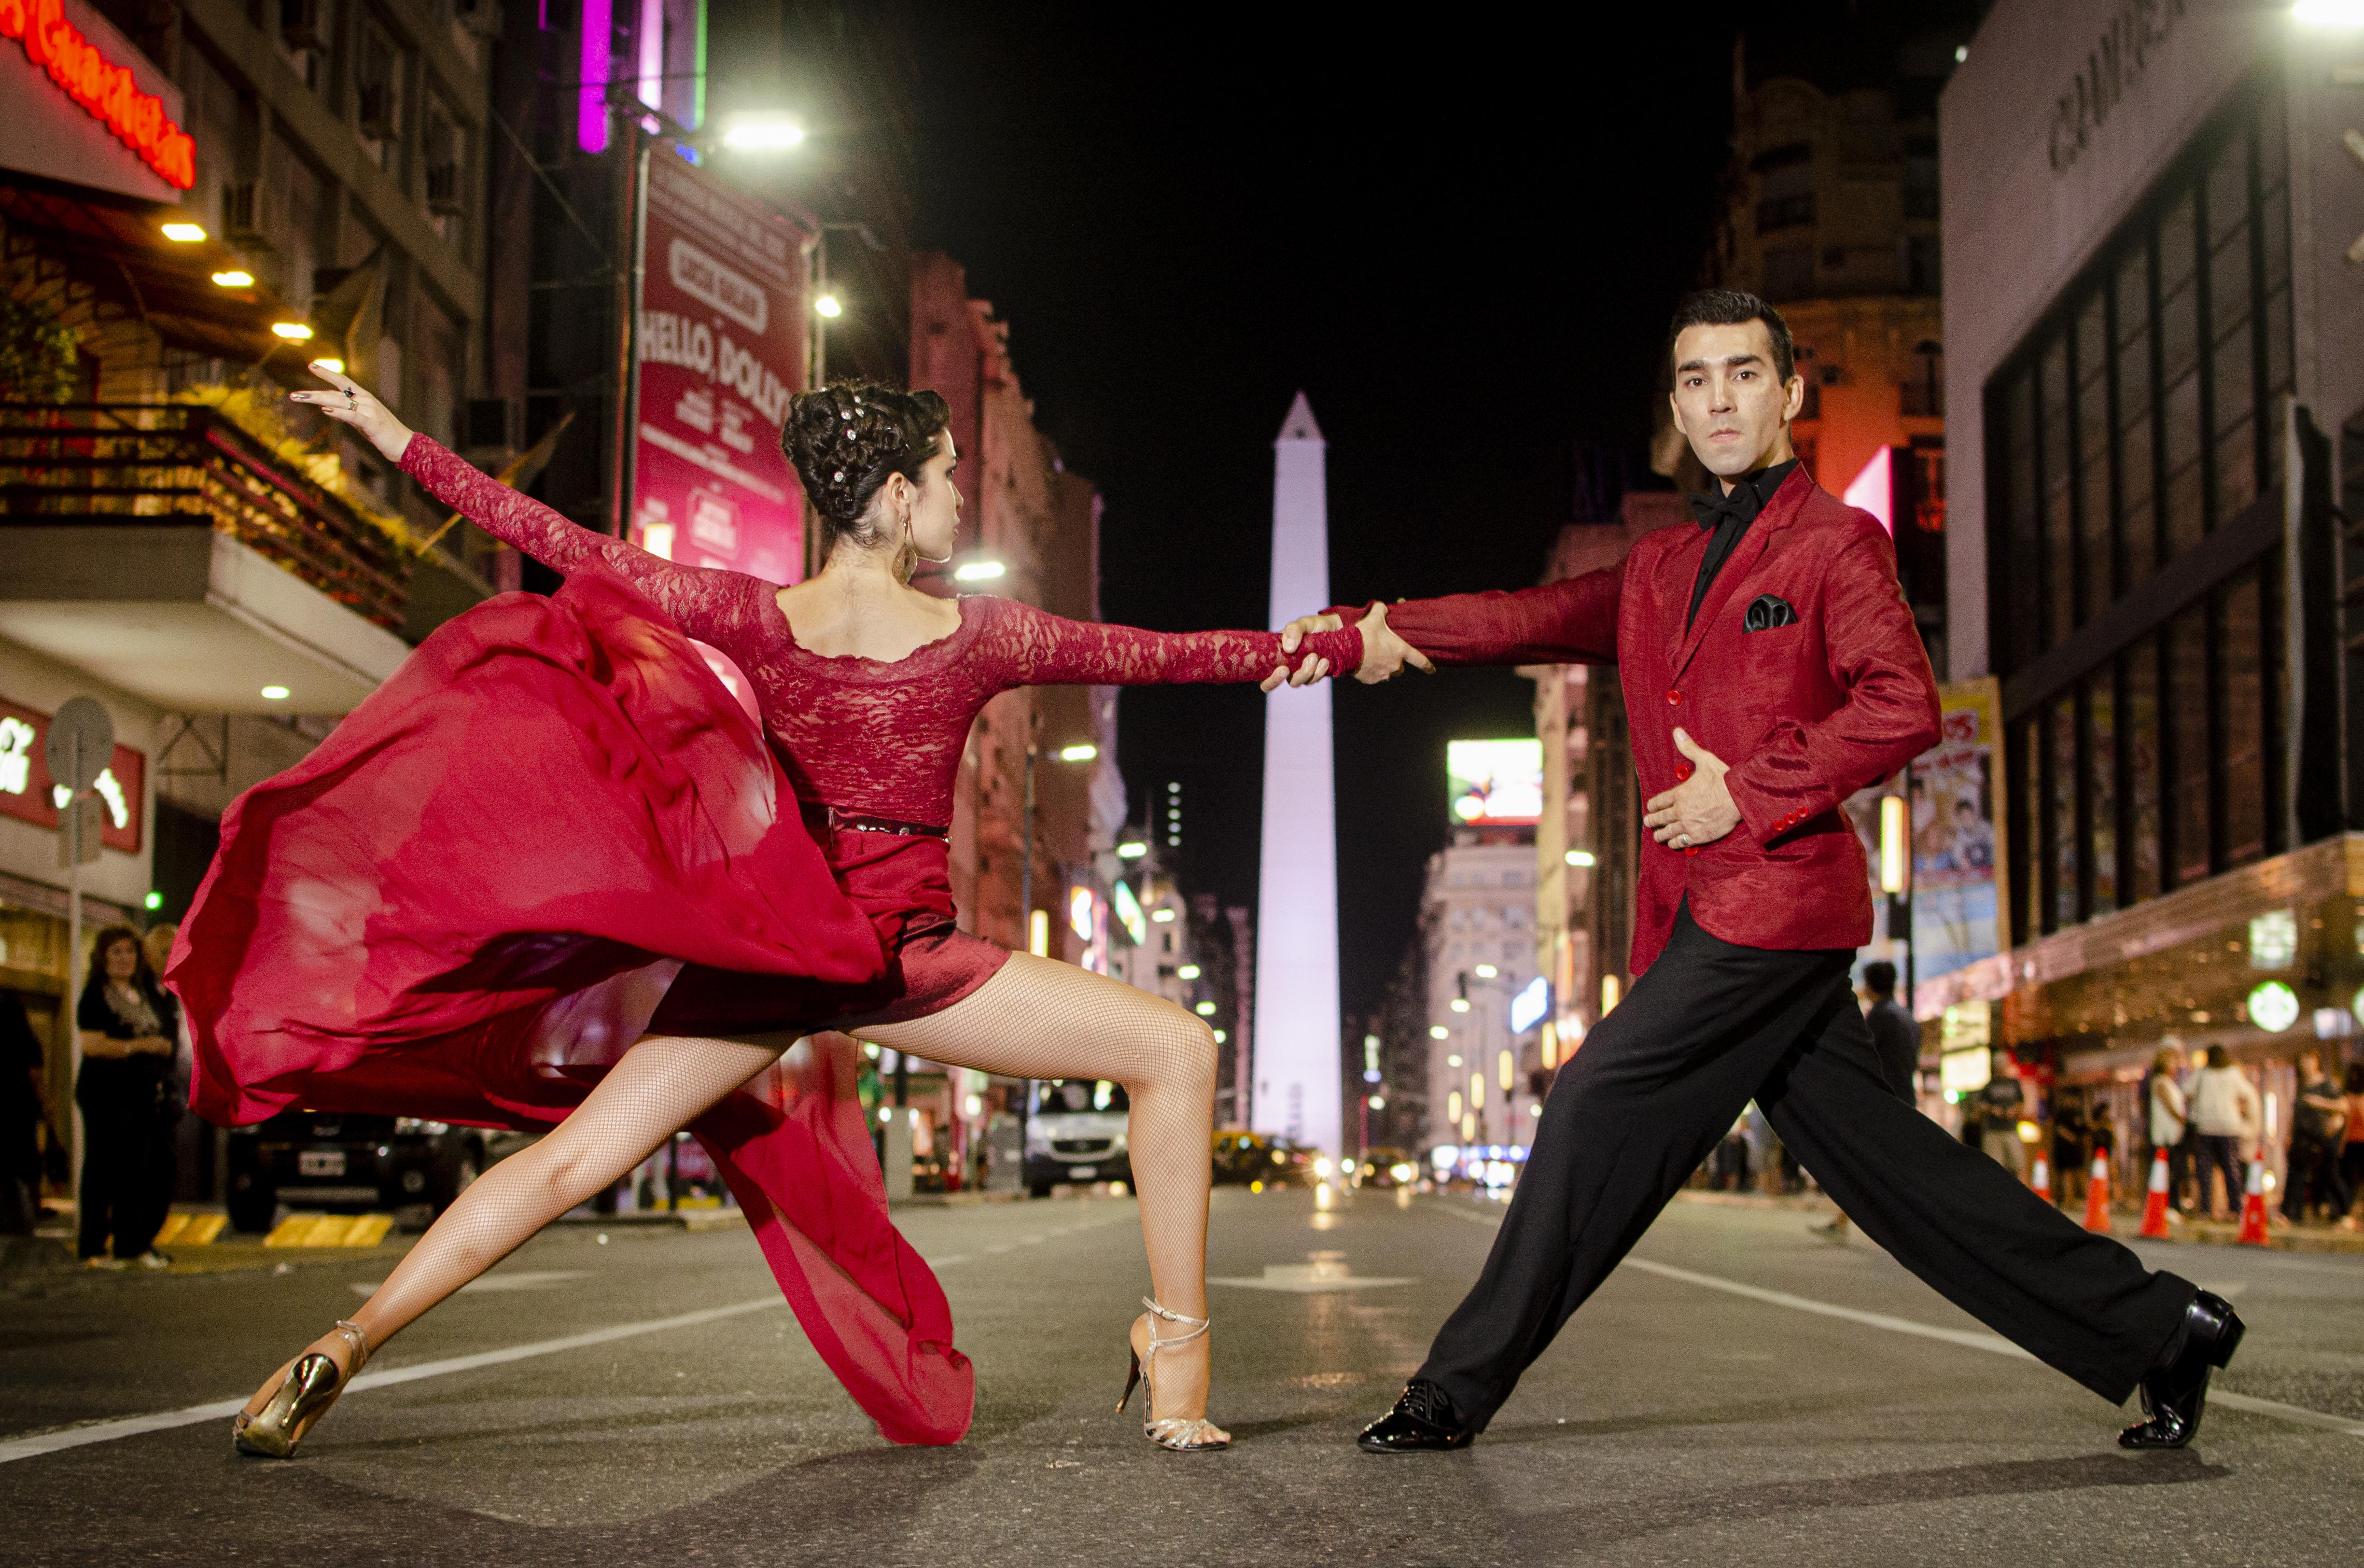 este tango mea un site de dating